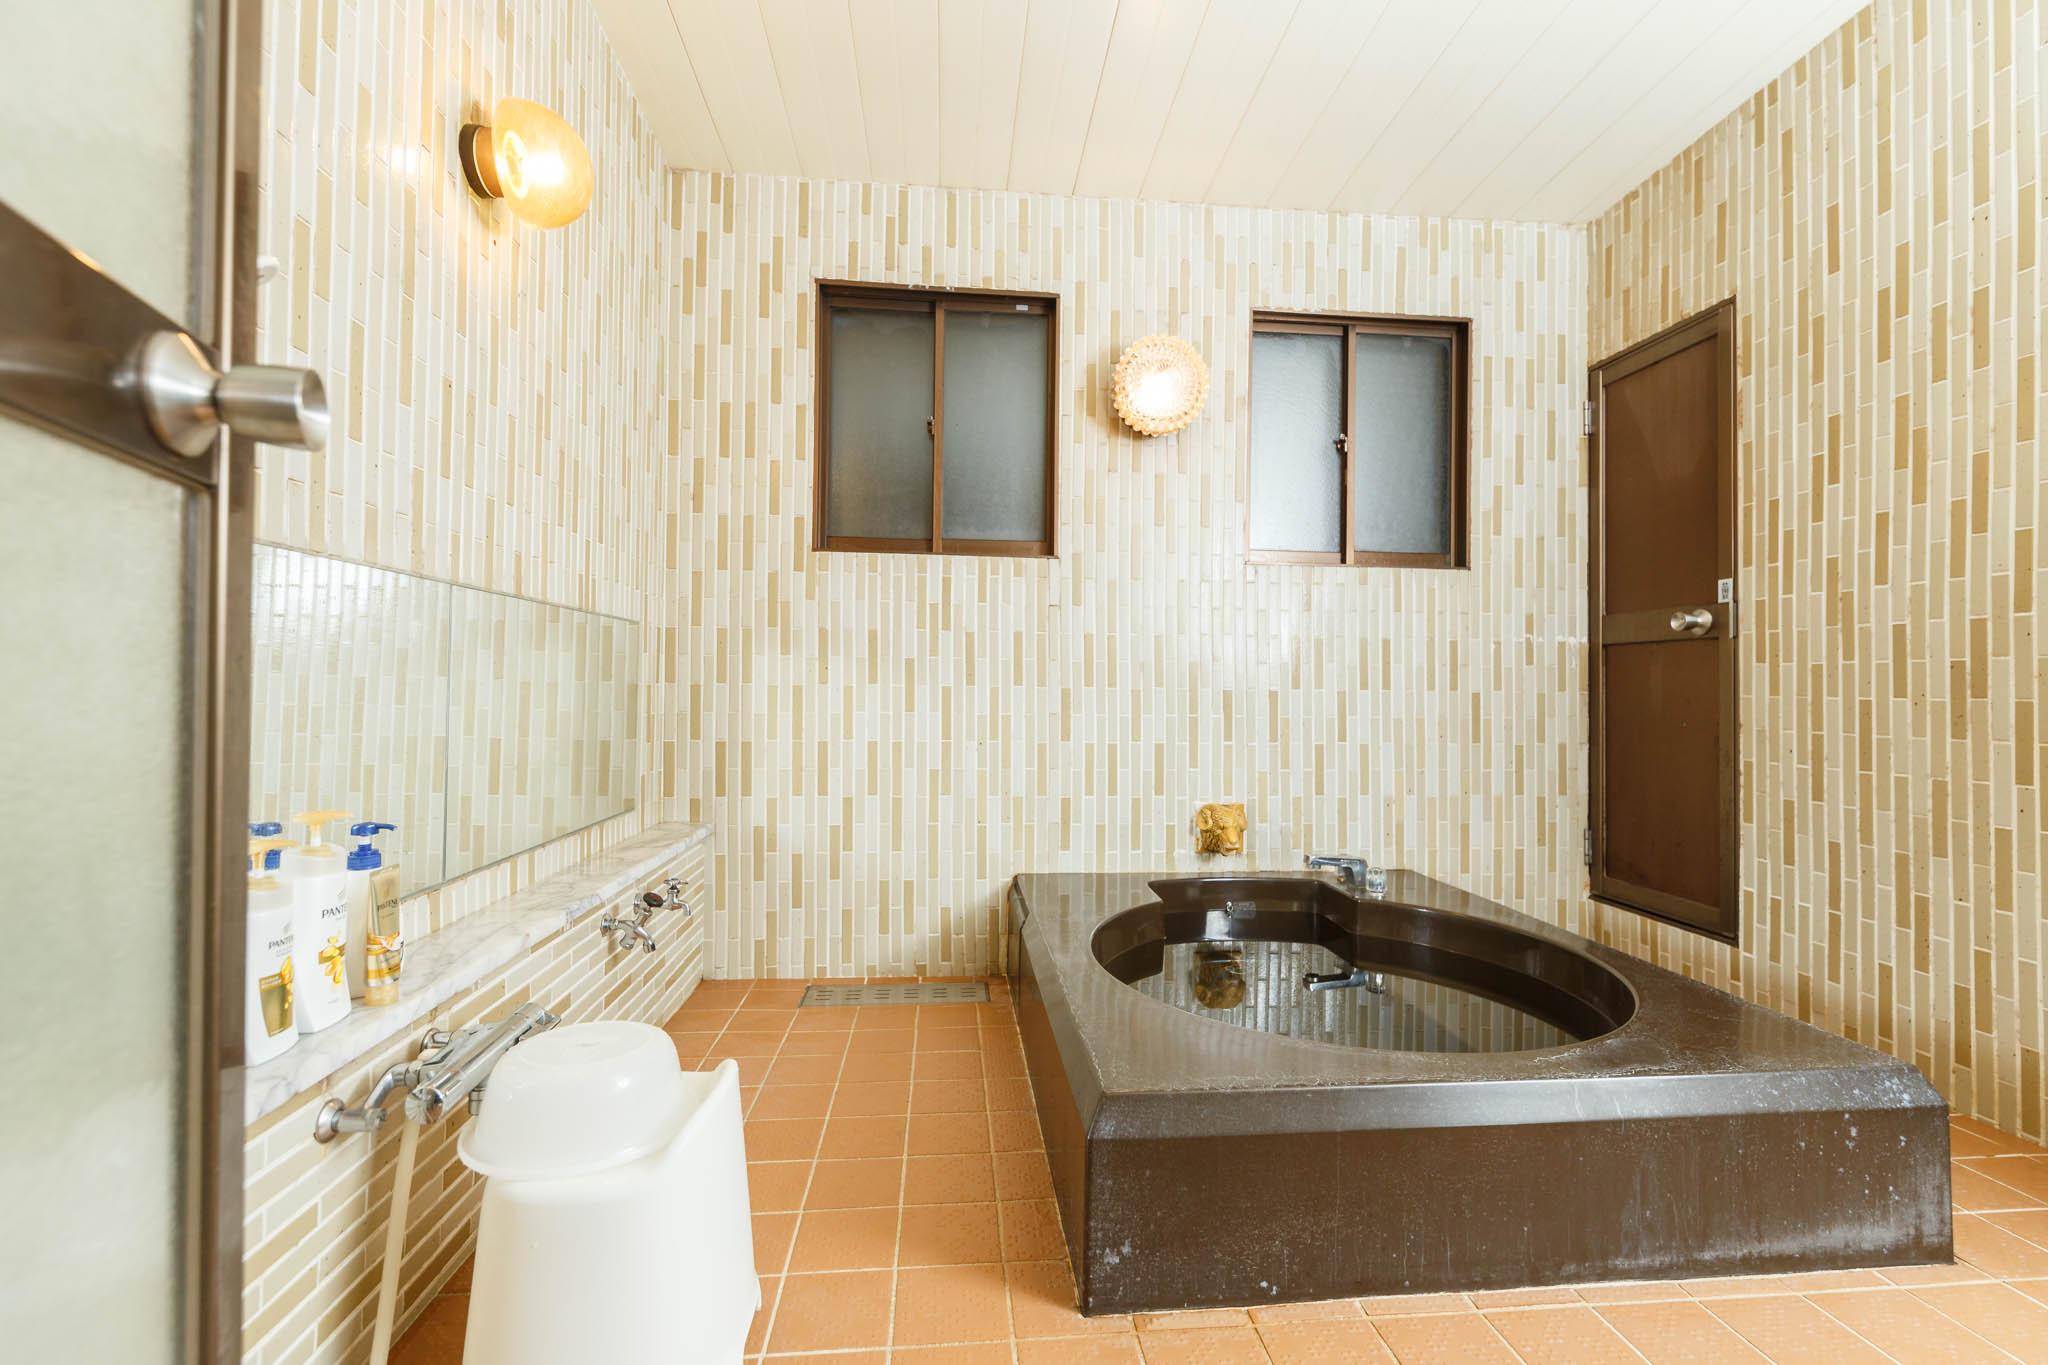 柏屋旅館<シェアハウス&ゲストハウス>浴室